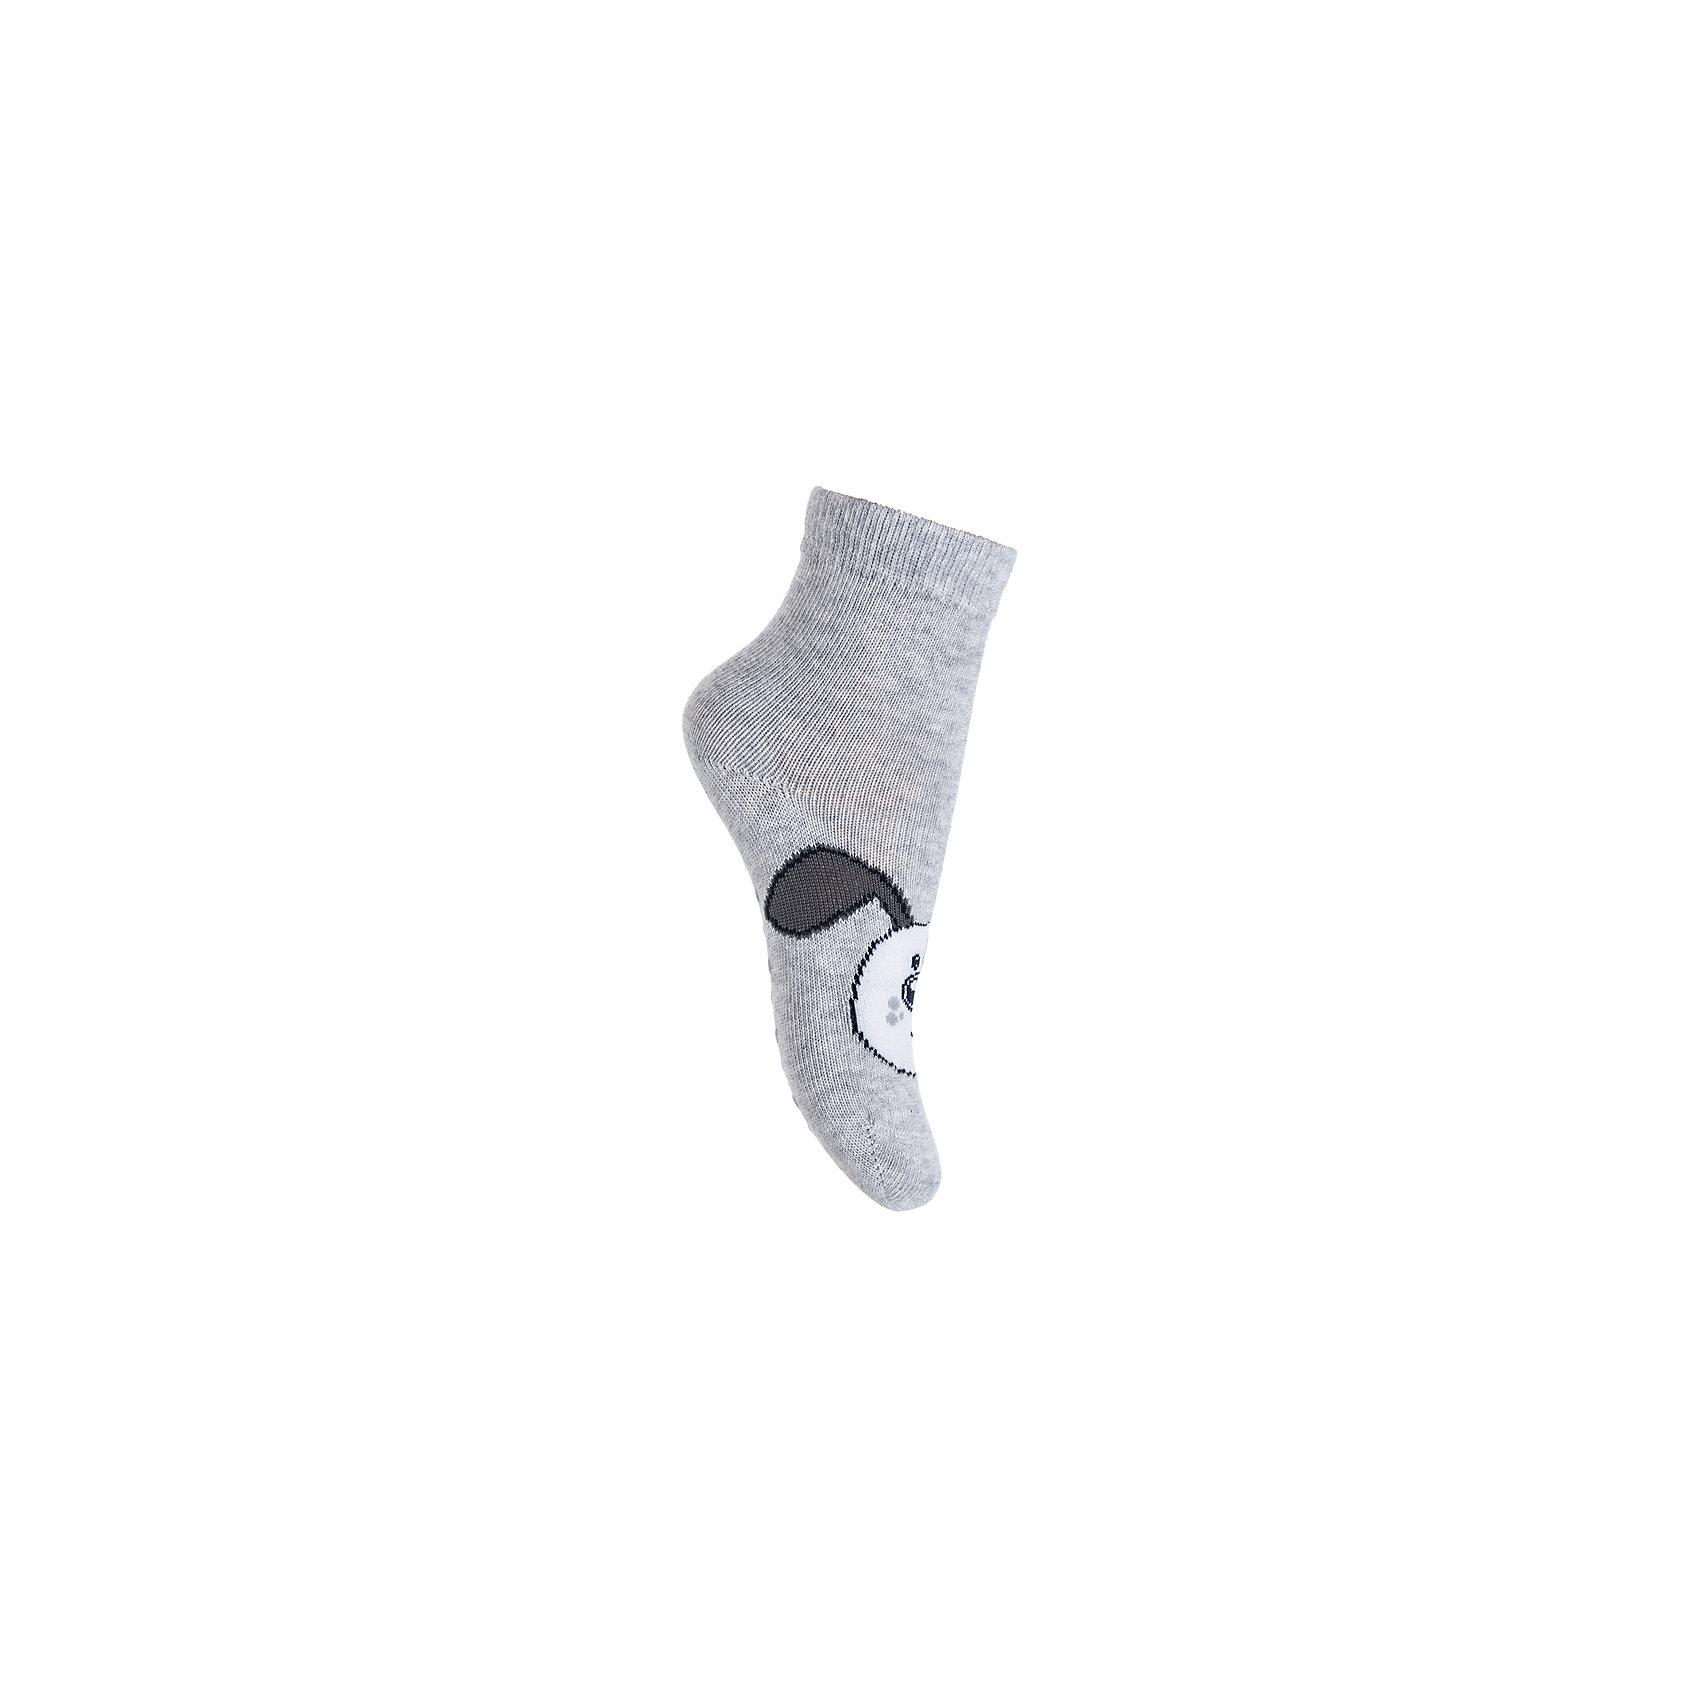 Носки PlayToday для мальчикаНоски<br>Носки PlayToday для мальчика<br>Носки очень мягкие, из  натуральных материалов, приятные к телу и не сковывают движений. Хорошо пропускают воздух, тем самым позволяя коже дышать. Даже частые стирки, при условии соблюдений рекомендаций по уходу, не изменят ни форму, ни цвет изделия. Модель декорирована оригинальным жаккардовым рисунком. Мягкая резинка не сдавливает нежную детскую кожу. Подошва дополнена силиконовыми наклейками, которые не позволят ребенку упасть даже на скользкой поверхности.<br>Состав:<br>75% хлопок, 22% нейлон, 3% эластан<br><br>Ширина мм: 87<br>Глубина мм: 10<br>Высота мм: 105<br>Вес г: 115<br>Цвет: серый<br>Возраст от месяцев: 12<br>Возраст до месяцев: 18<br>Пол: Мужской<br>Возраст: Детский<br>Размер: 11,12<br>SKU: 7110001